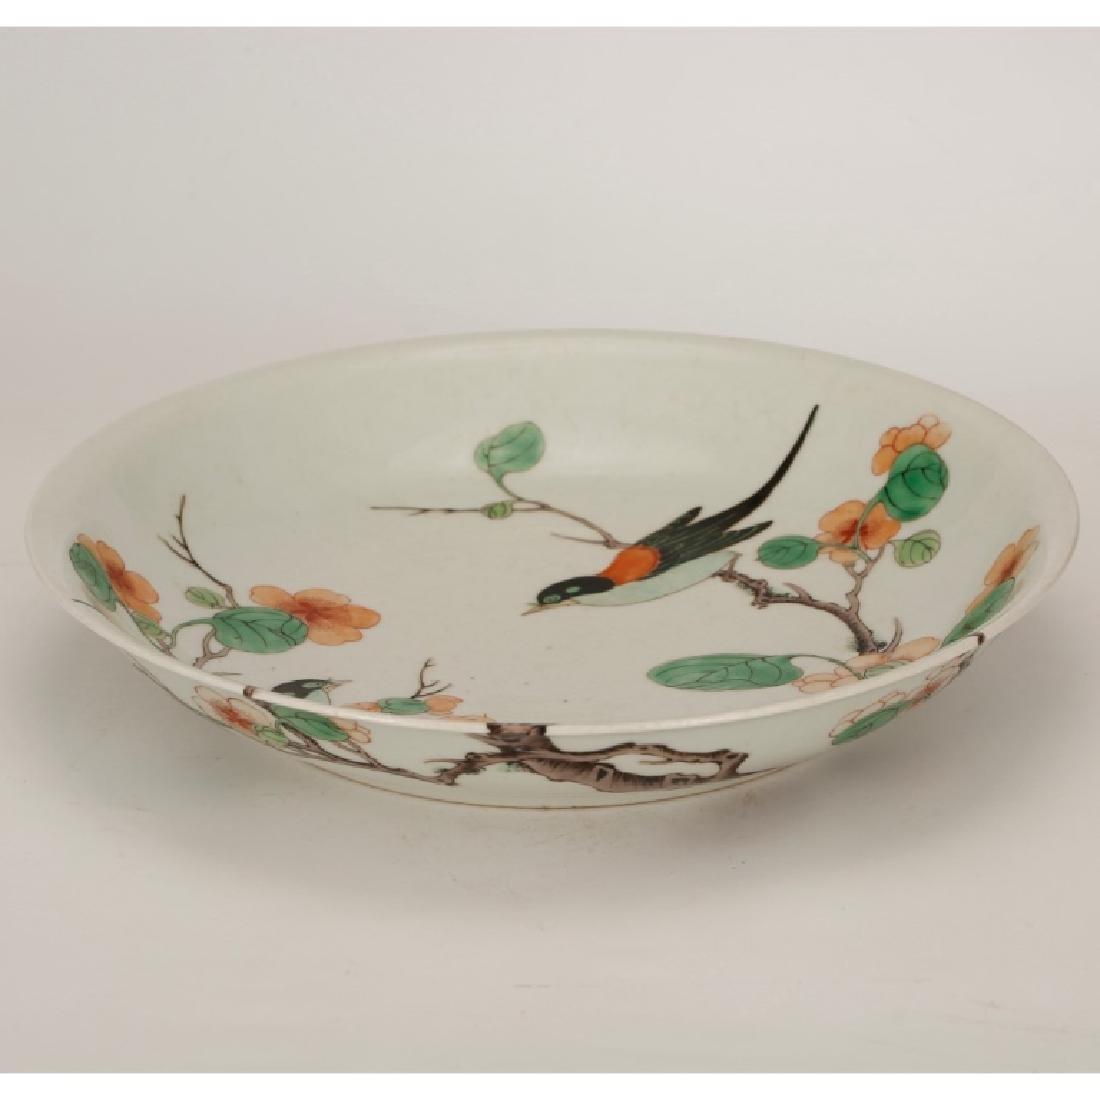 Good Chinese Famille Verte Porcelain Plate